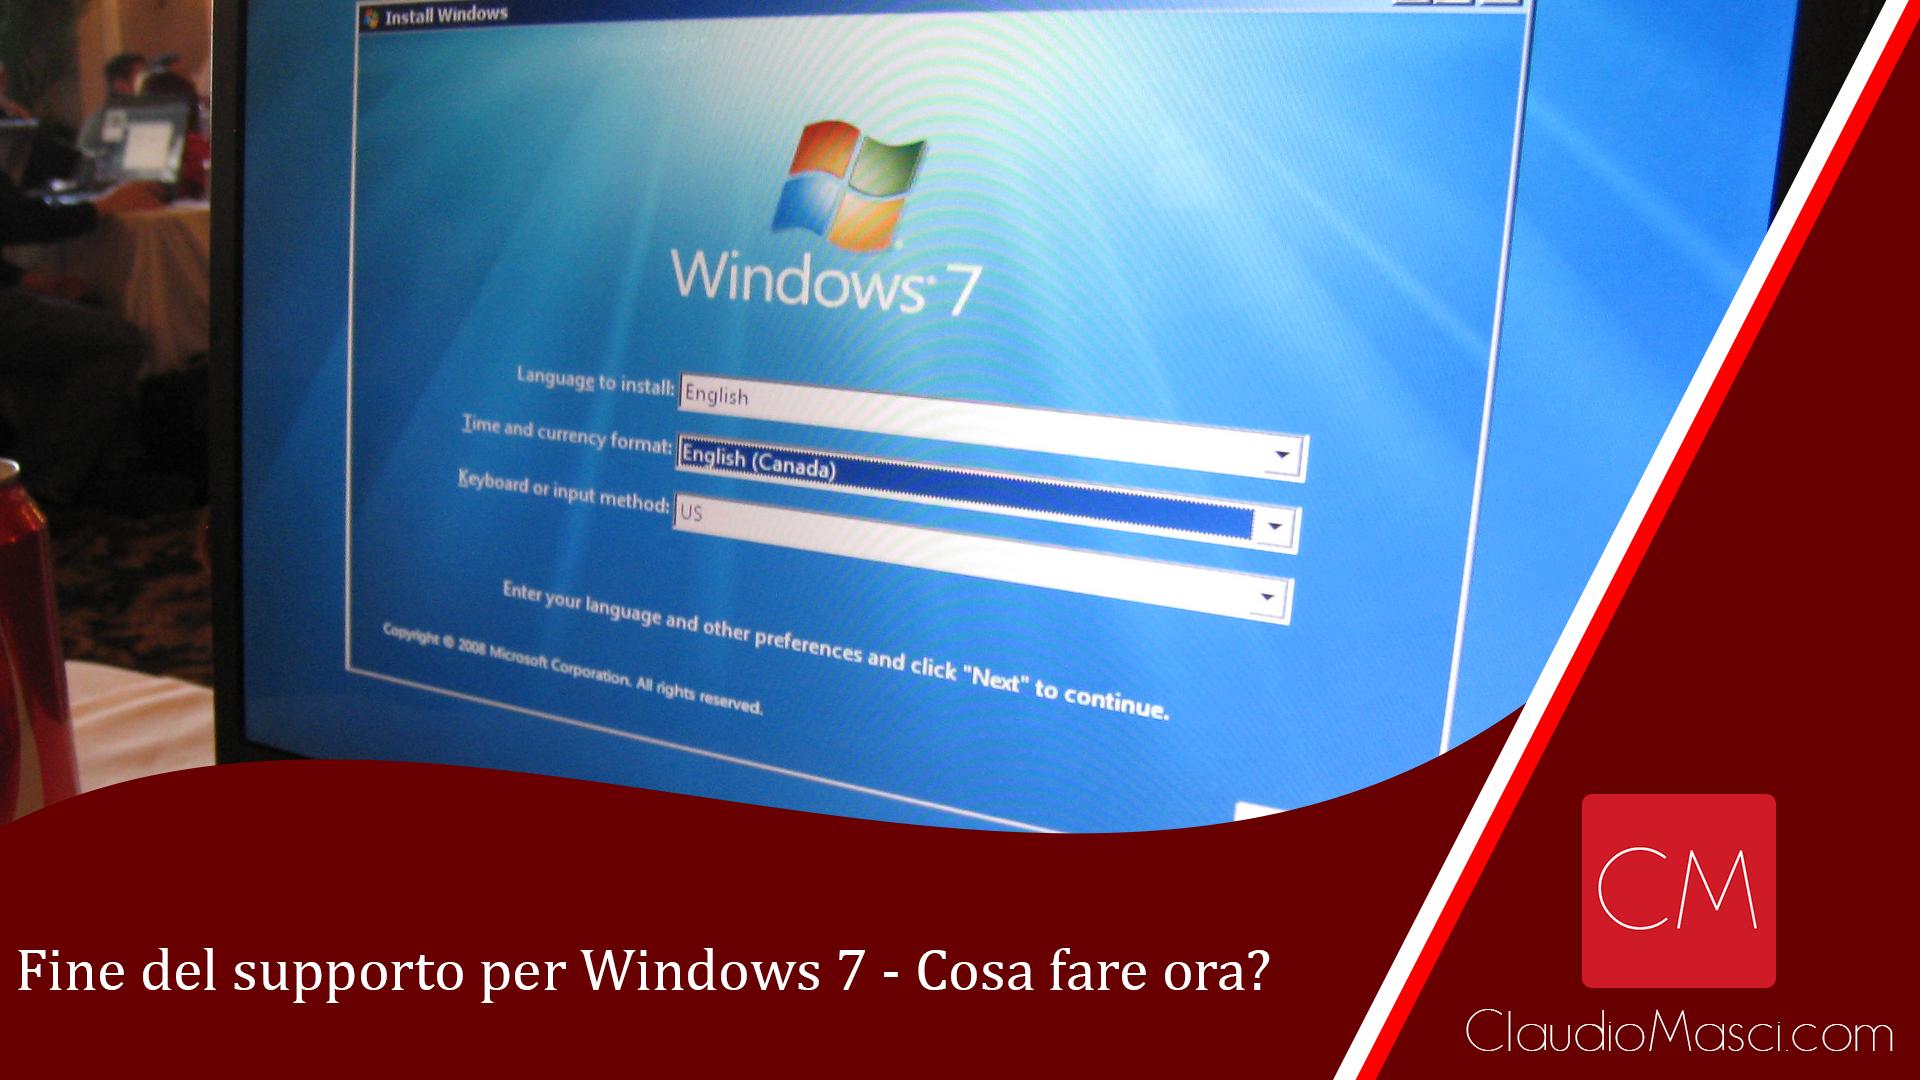 Fine del supporto per Windows 7 – Cosa fare ora?